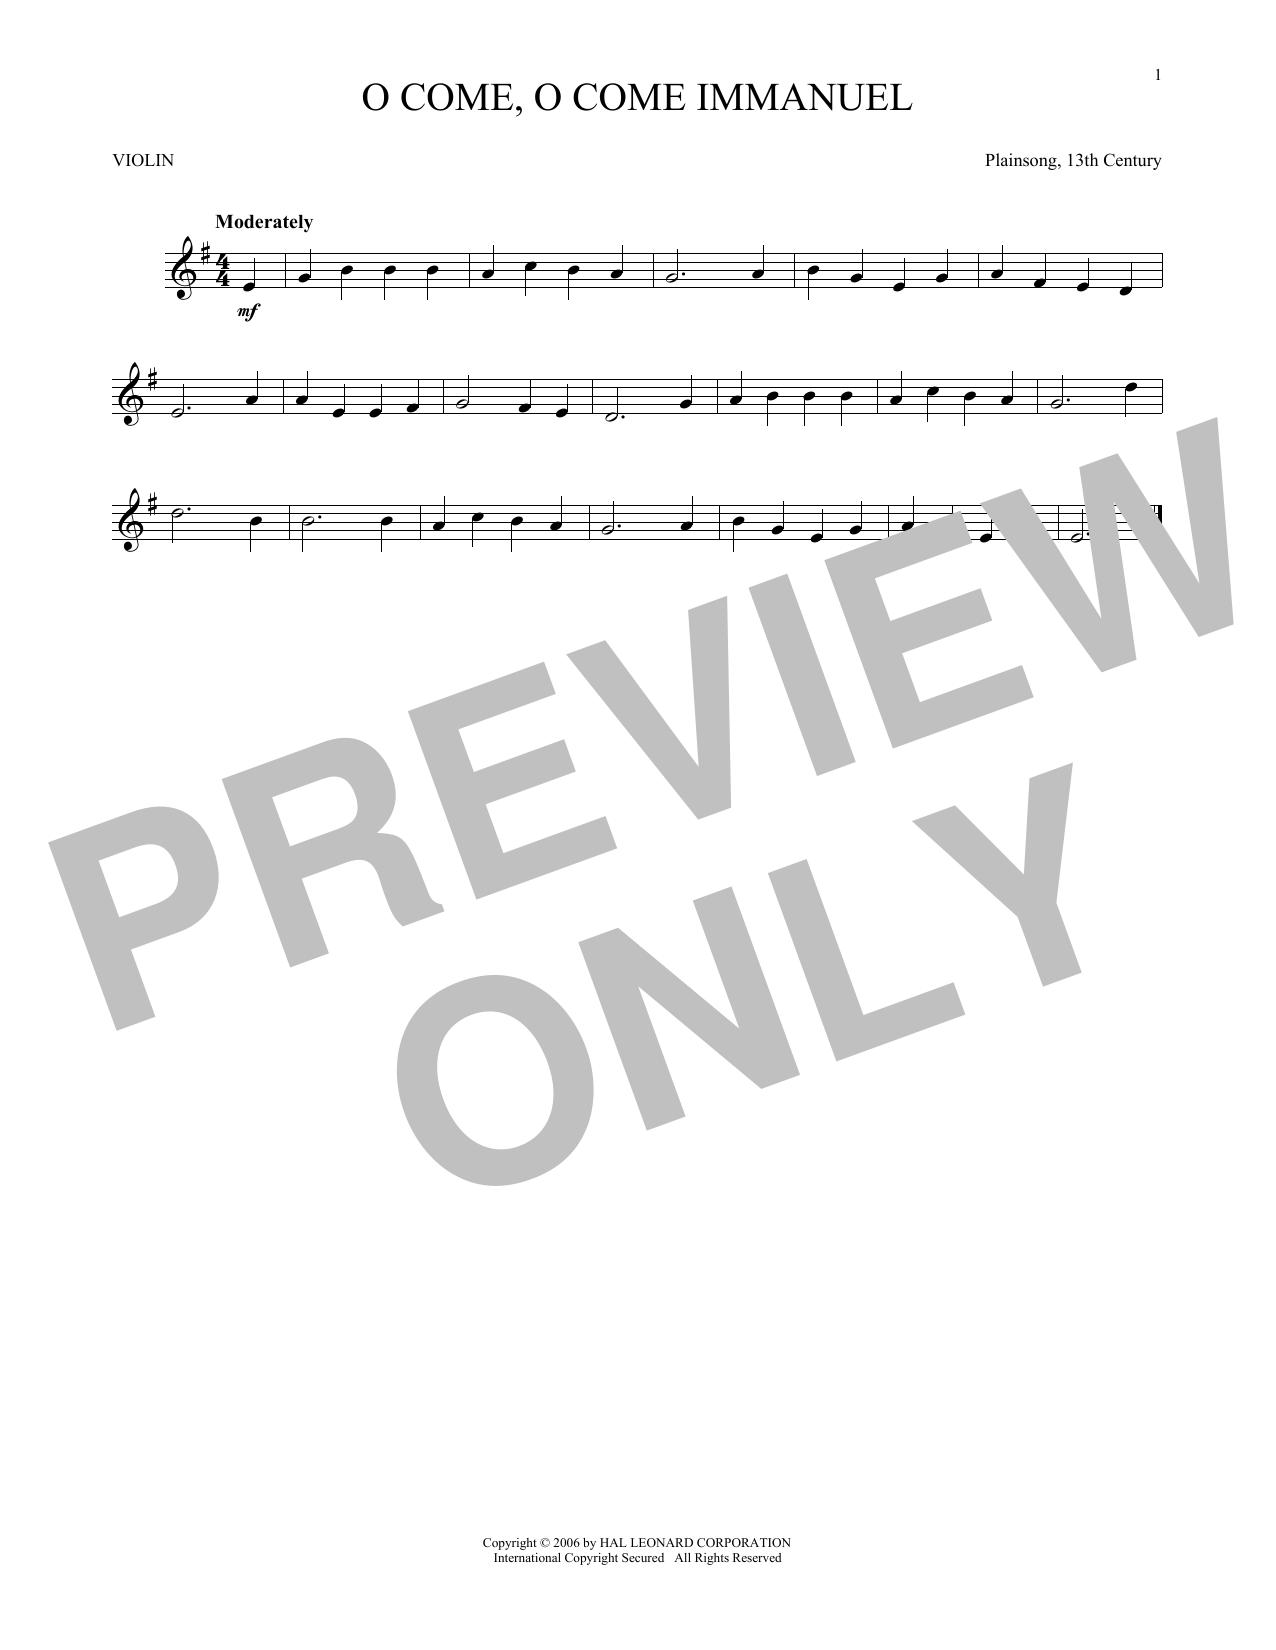 O Come, O Come Immanuel (Violin Solo)